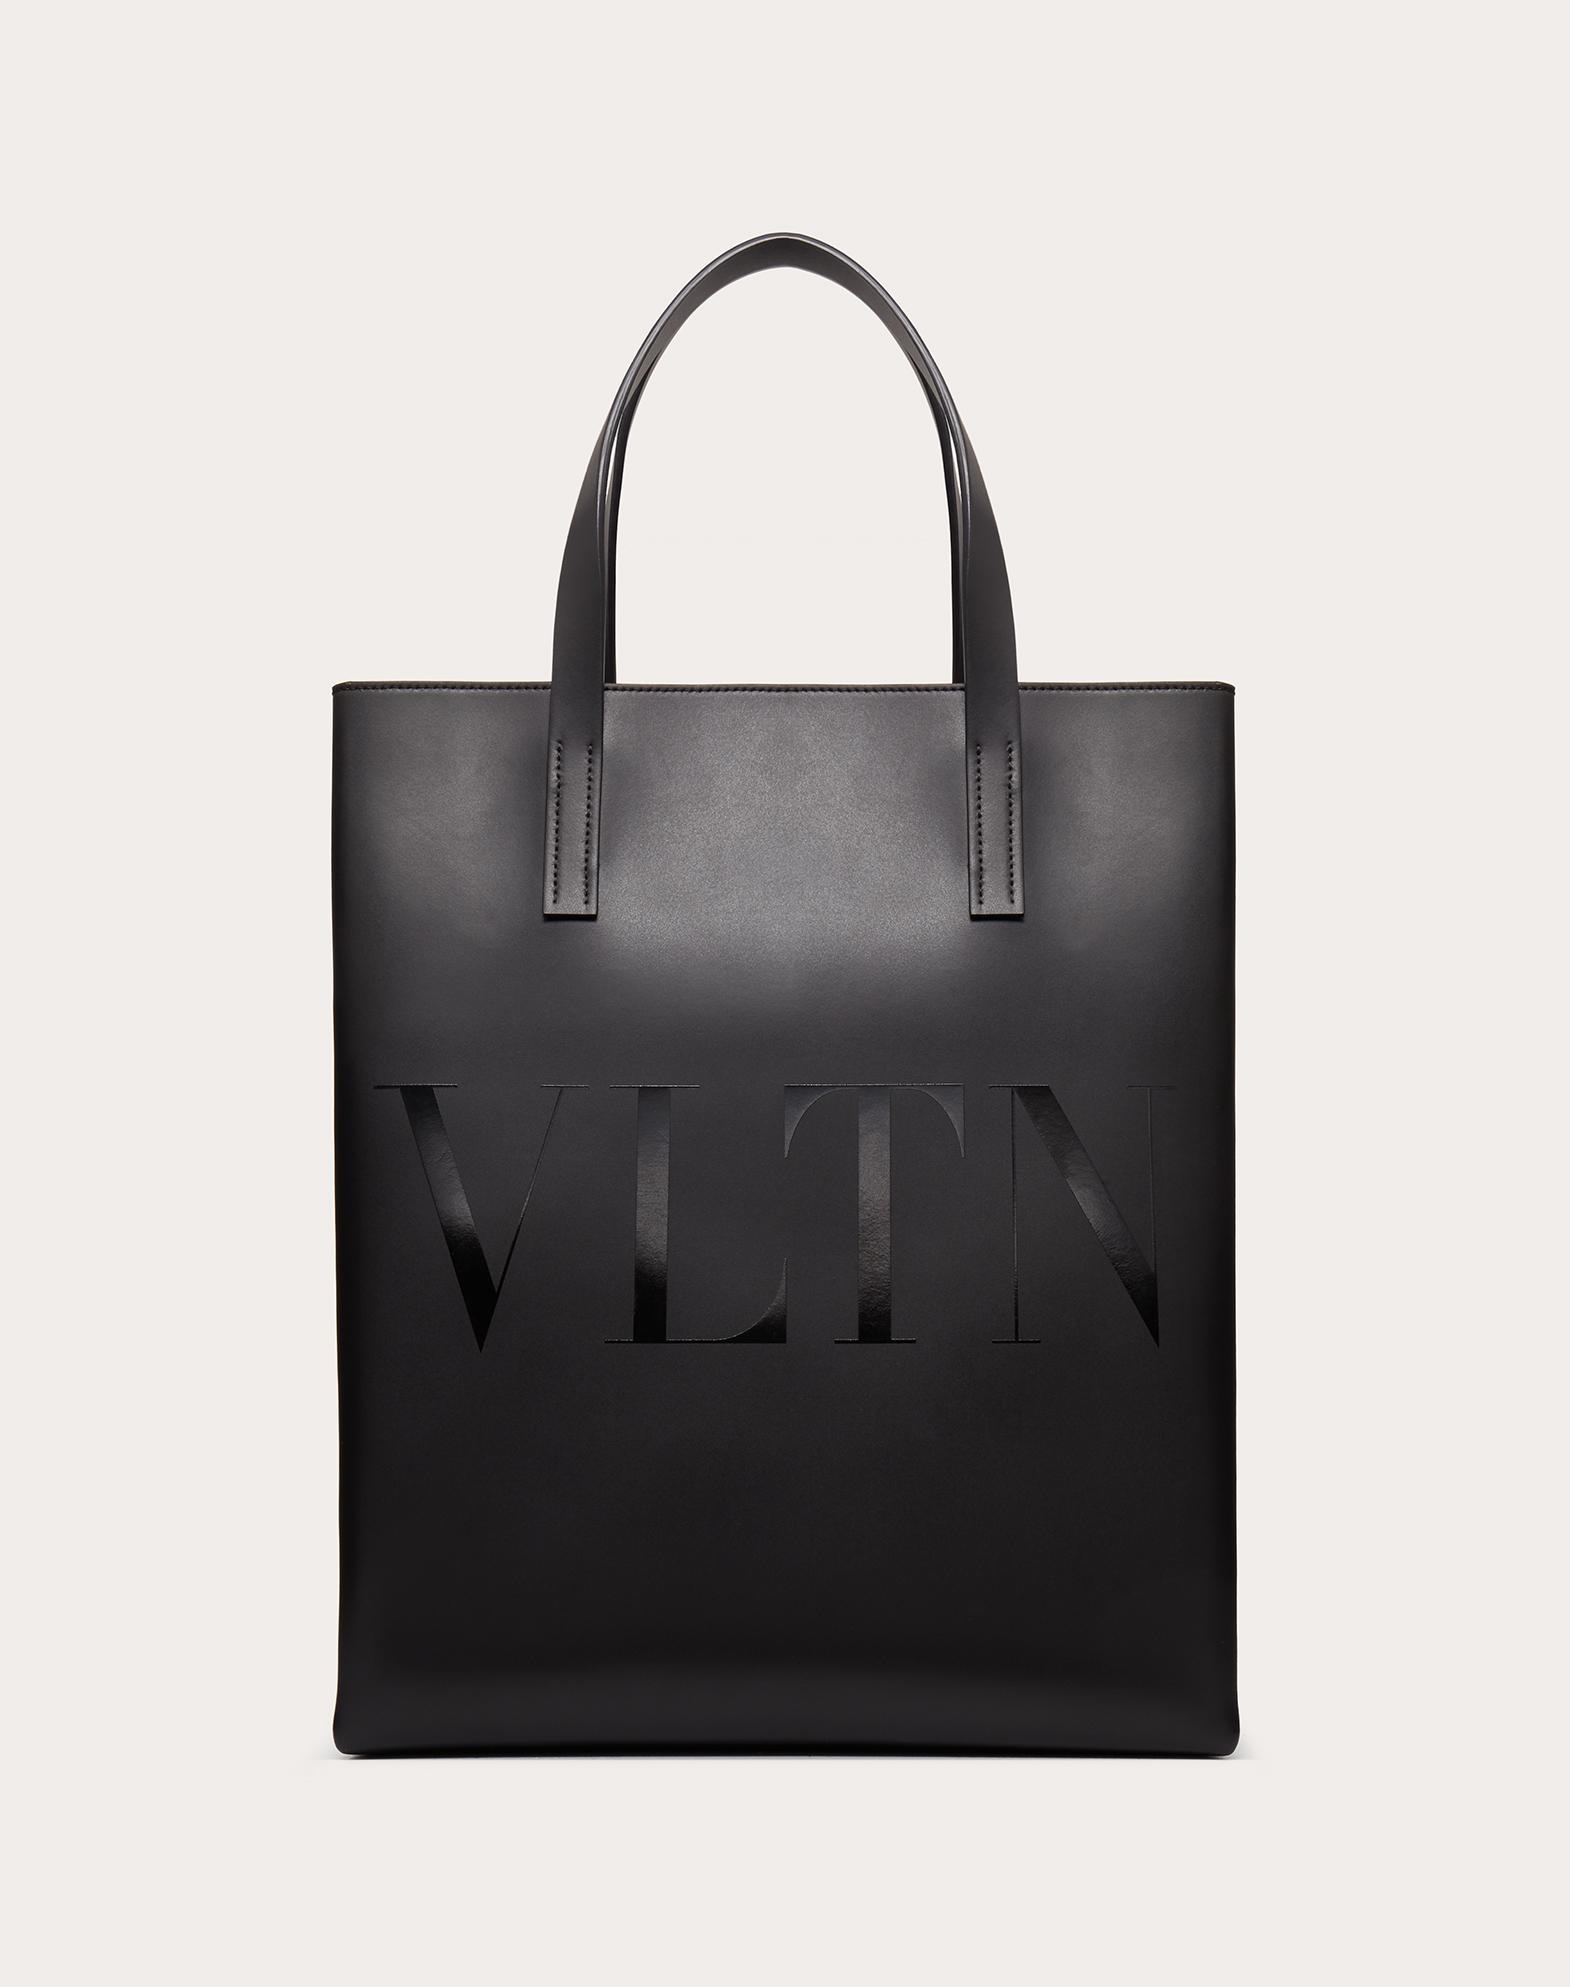 VLTN Leather Tote Bag.